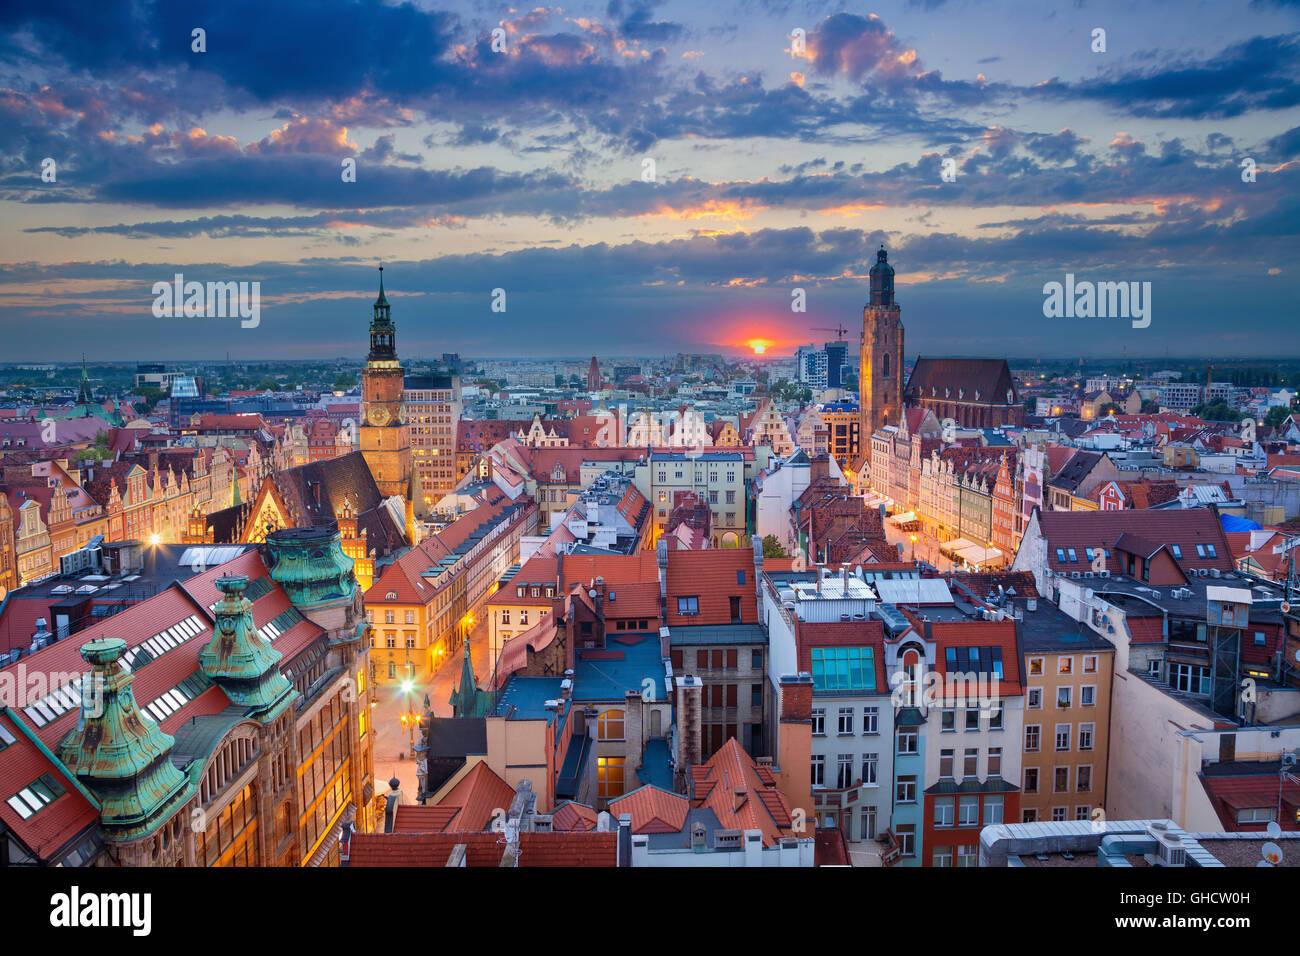 Wroclaw. Bild von Wroclaw/Breslau, Polen während der blauen Dämmerstunde. Stockbild